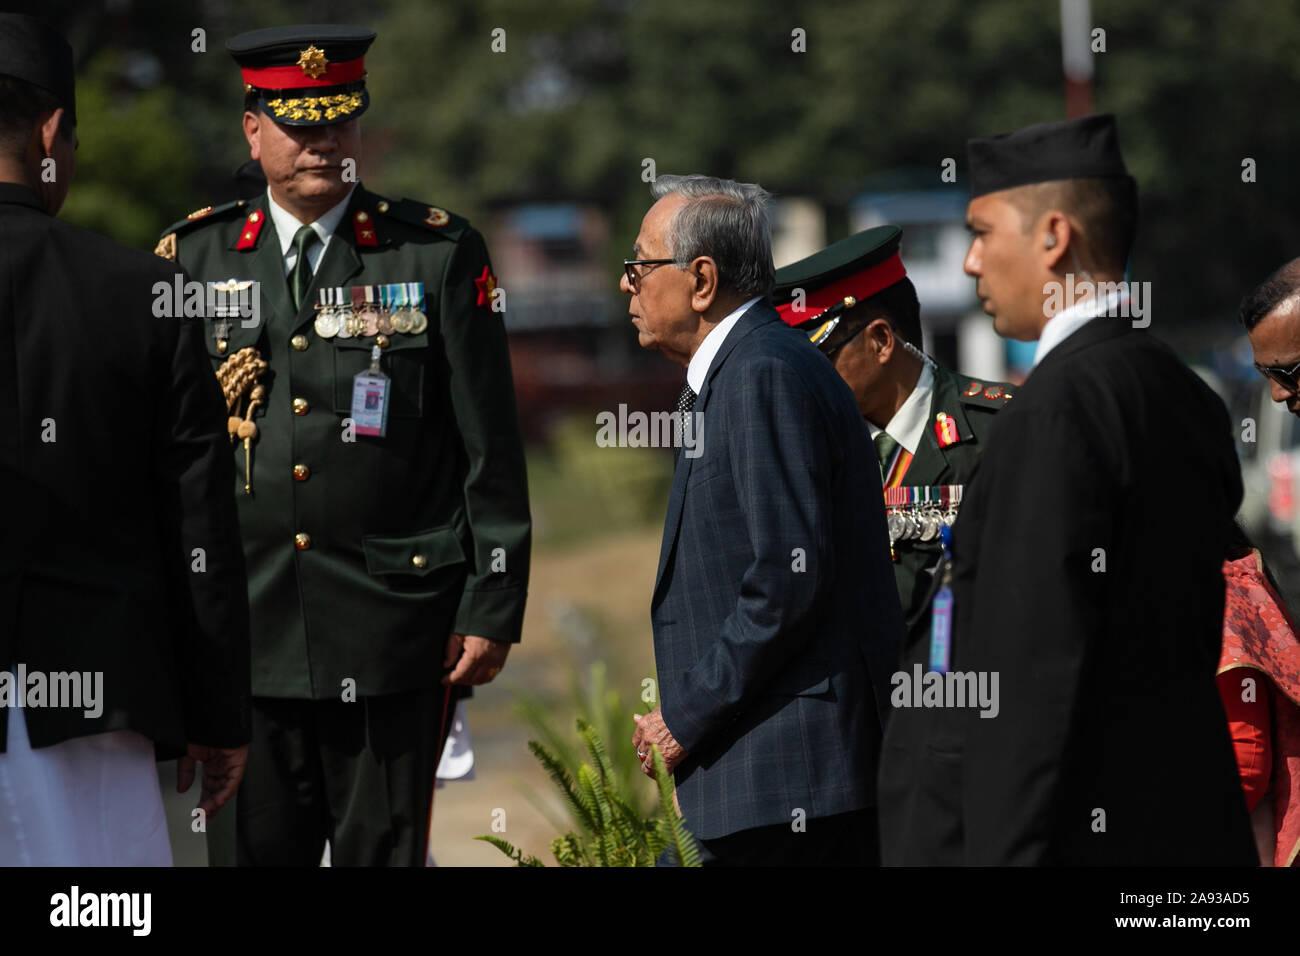 Le président du Bangladesh Abdul Hamid (c) dans la photo à son arrivée à l'aéroport international de Tribhuvan à Katmandou, au Népal. 21 Nov, 2019. (Photo de Prabin Ranabhat/Pacific Press) Credit: Pacific Press Agency/Alamy Live News Banque D'Images